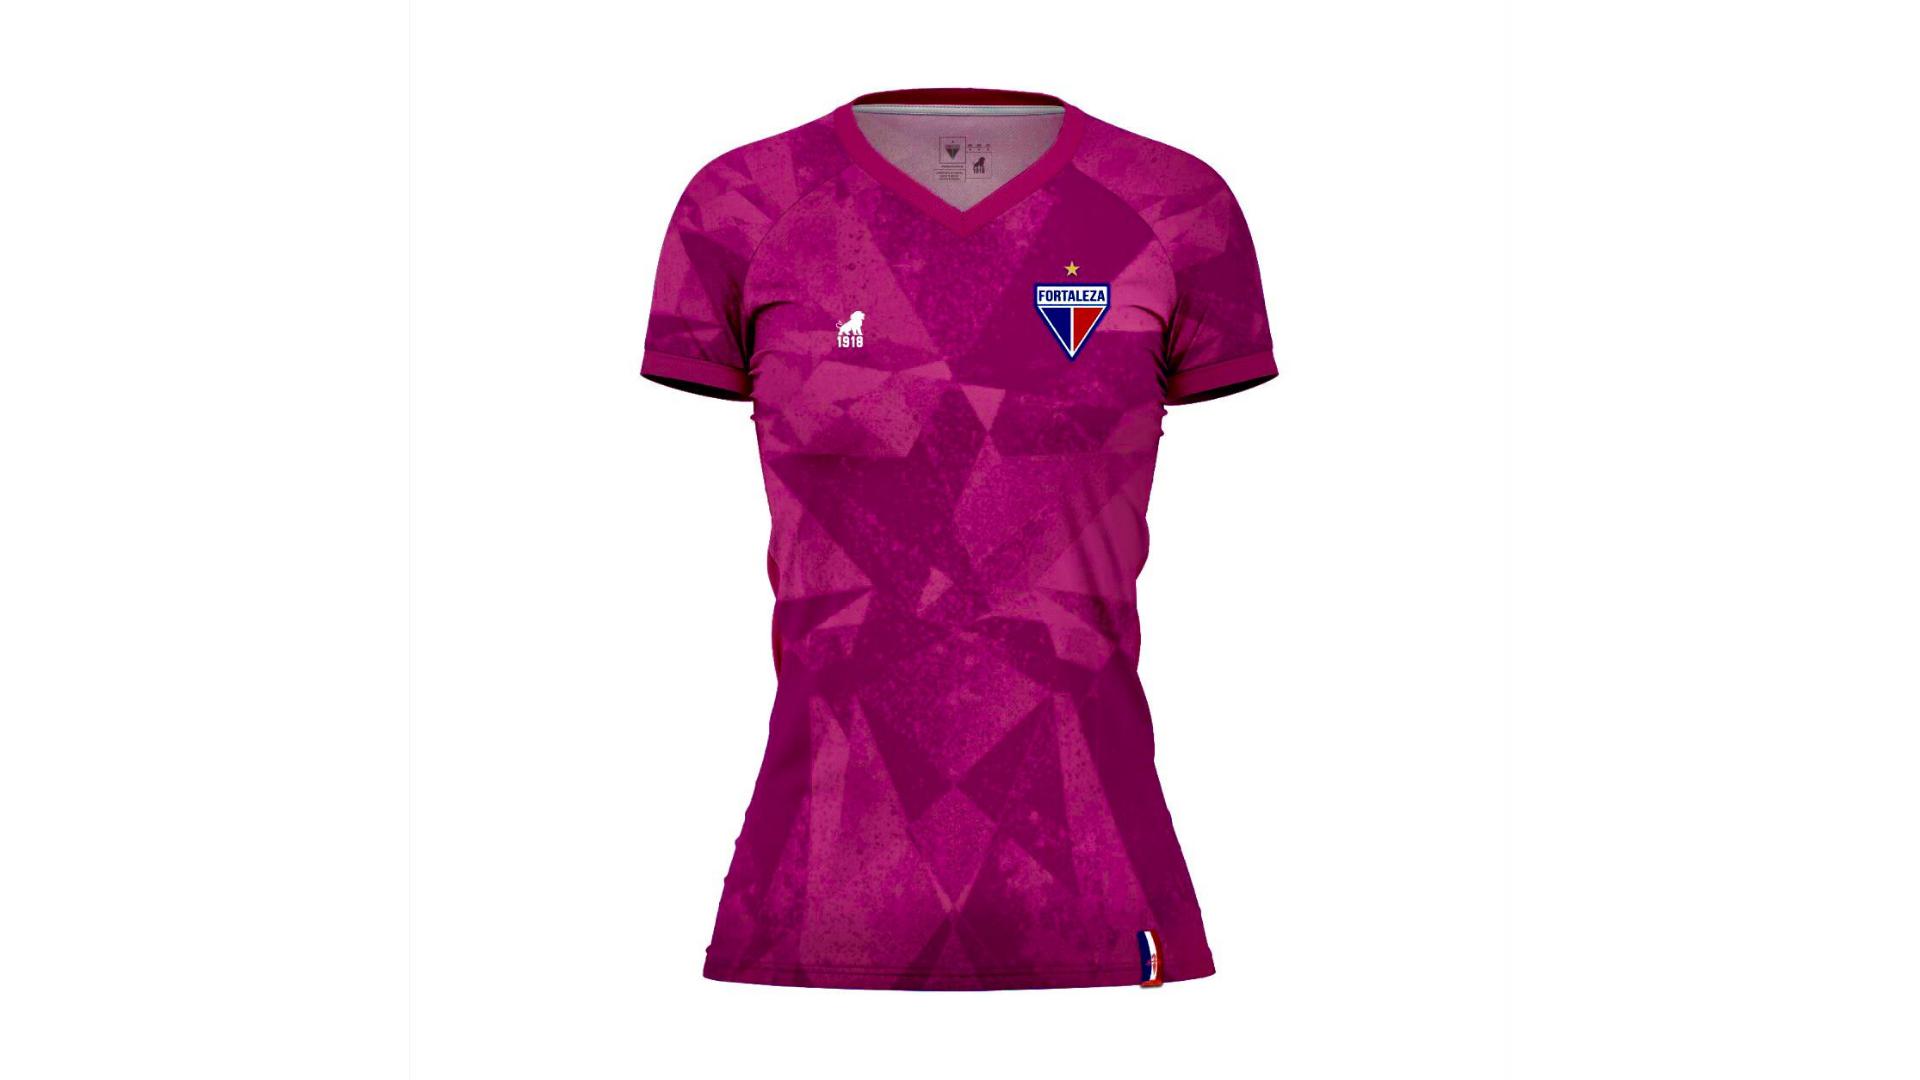 Camisa do Fortaleza 2020 Leão 1918 Outubro Rosa (Imagem: Divulgação/Leão 1918)